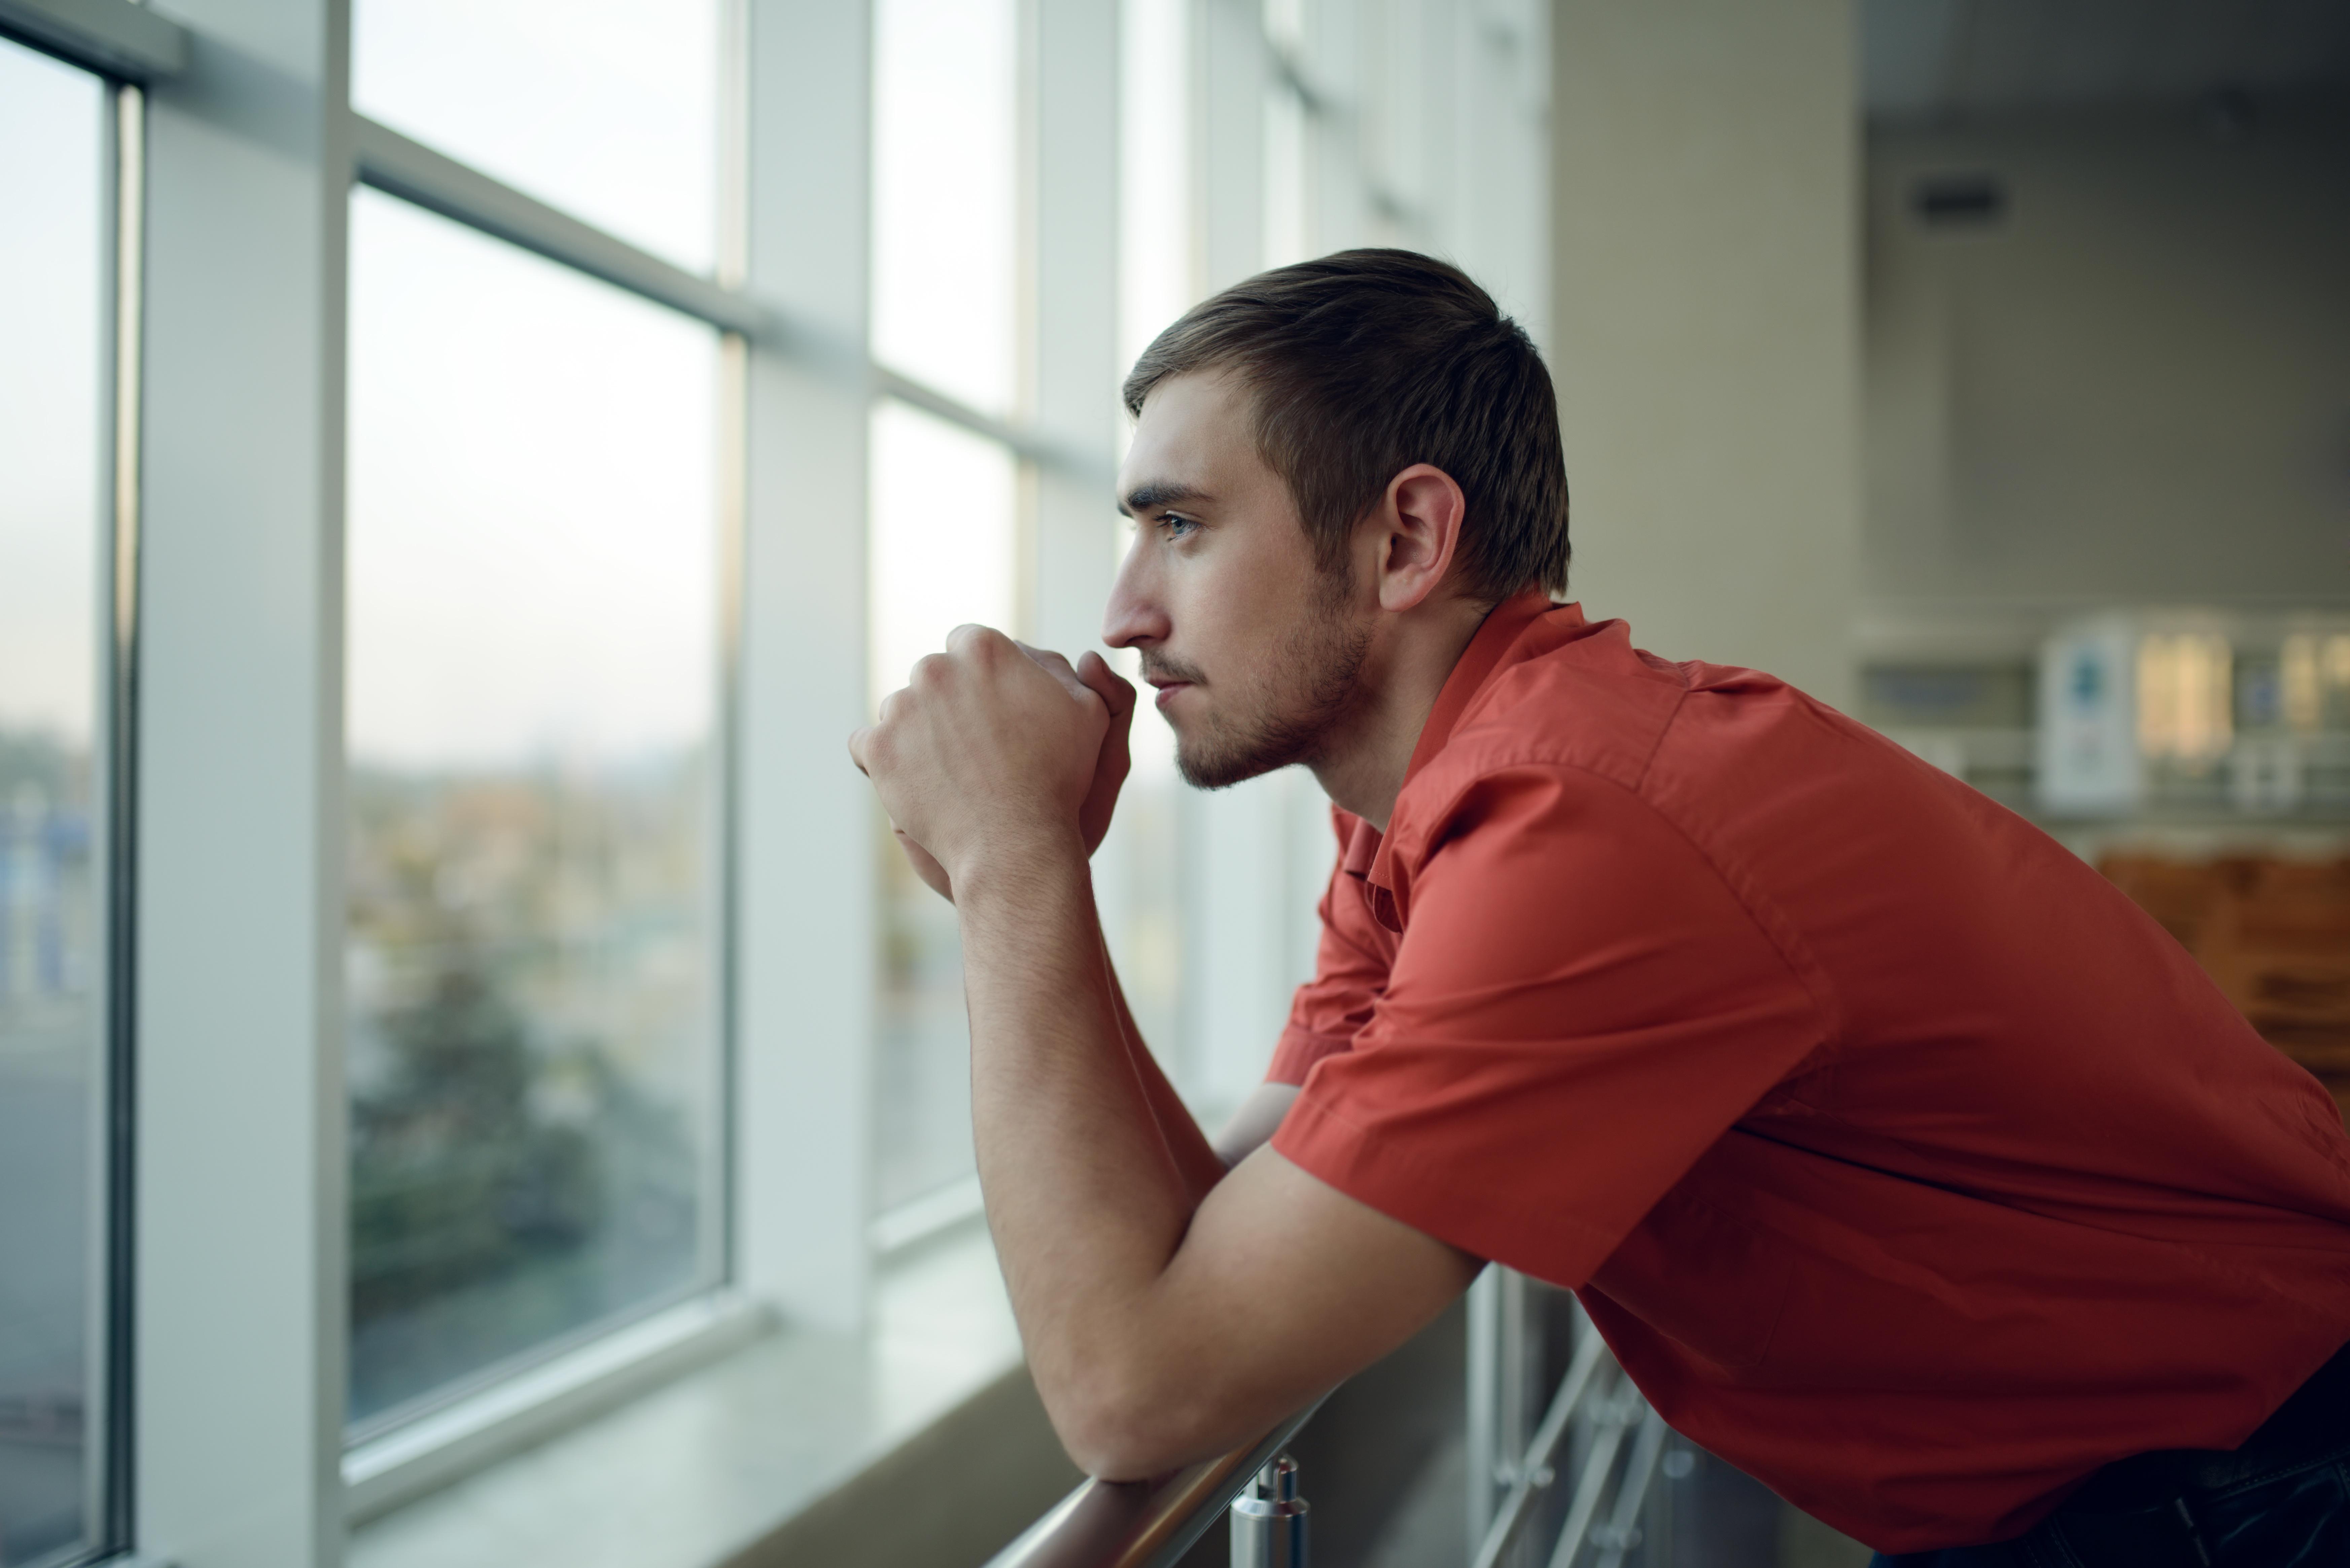 Les hommes privés d'emploi doivent faire face à une profonde crise du bien-être